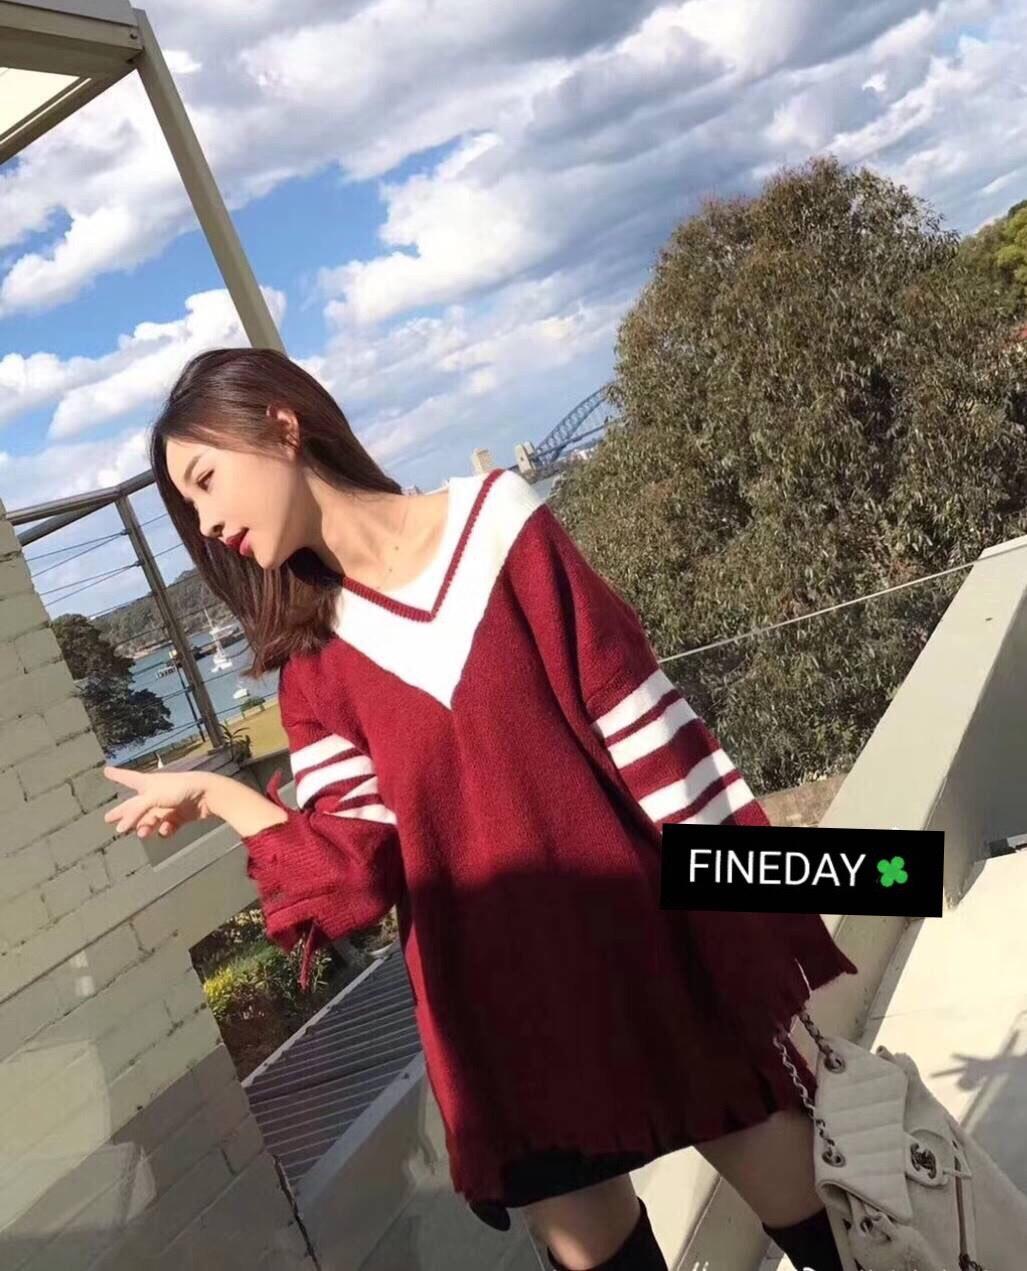 เสื้อผ้าแฟชั่นเกาหลีพร้อมส่ง ใหม่ ใหญ่จุใจ สาวๆใส่เป็นเดรสได้เลยน้าา